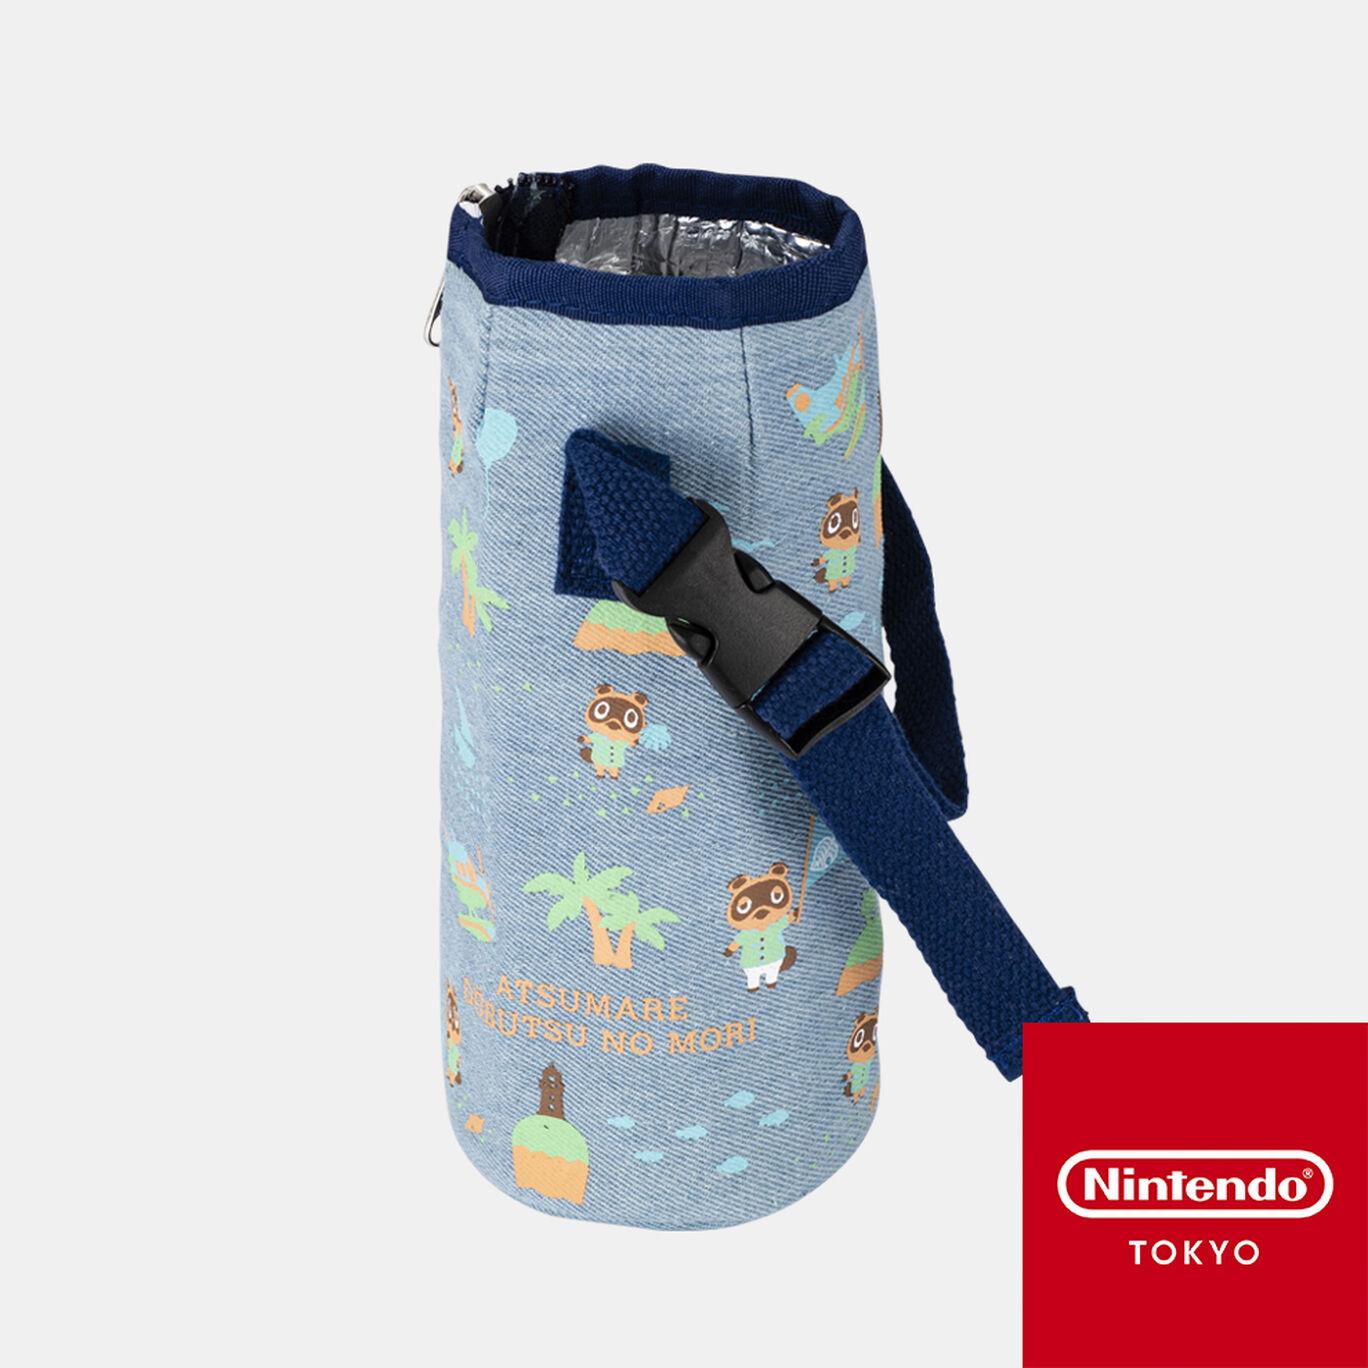 ボトルホルダー あつまれ どうぶつの森【Nintendo TOKYO取り扱い商品】